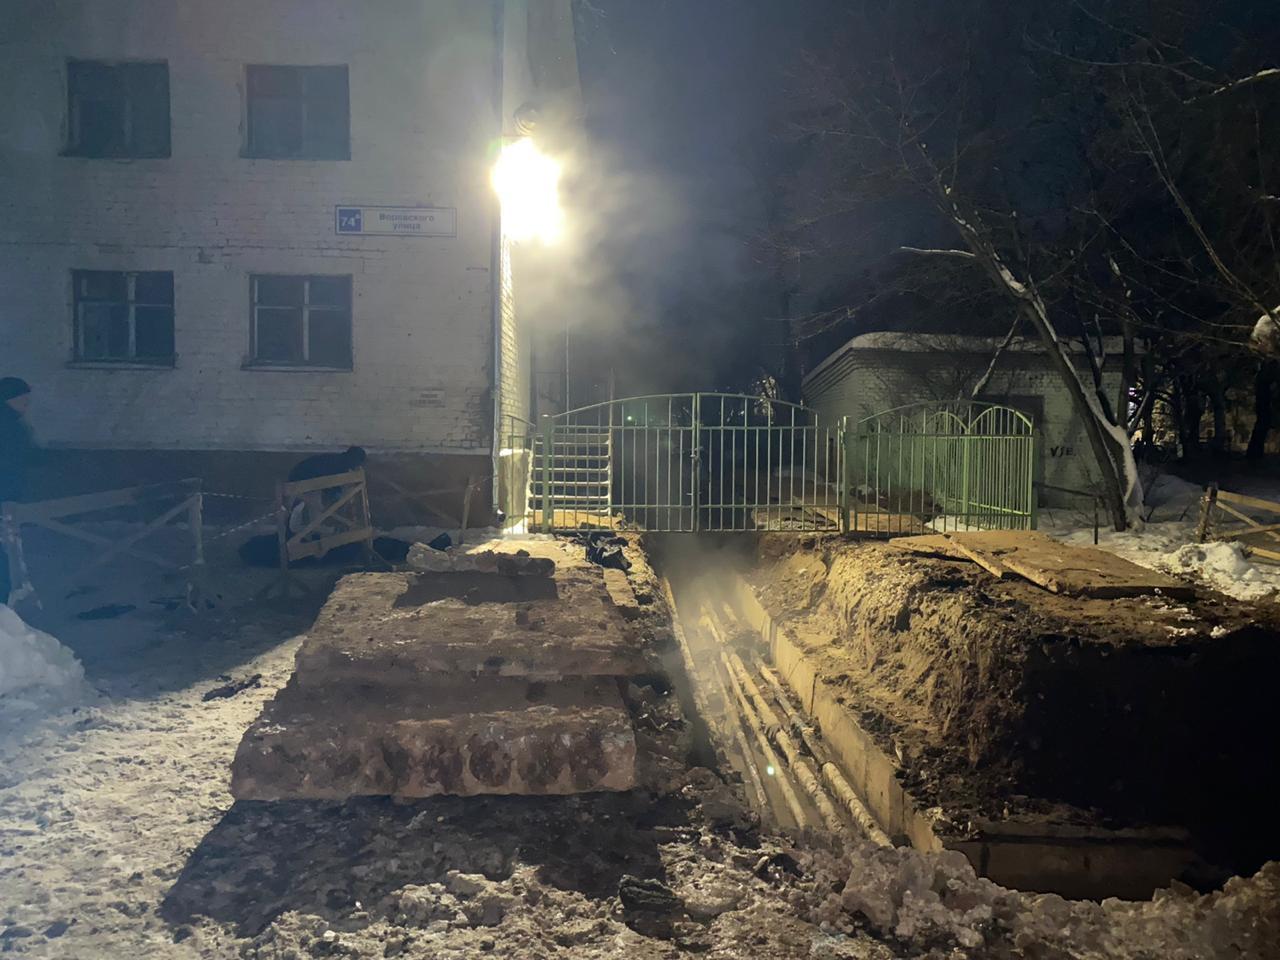 В суд передано дело о падении в траншею в центре Кирова